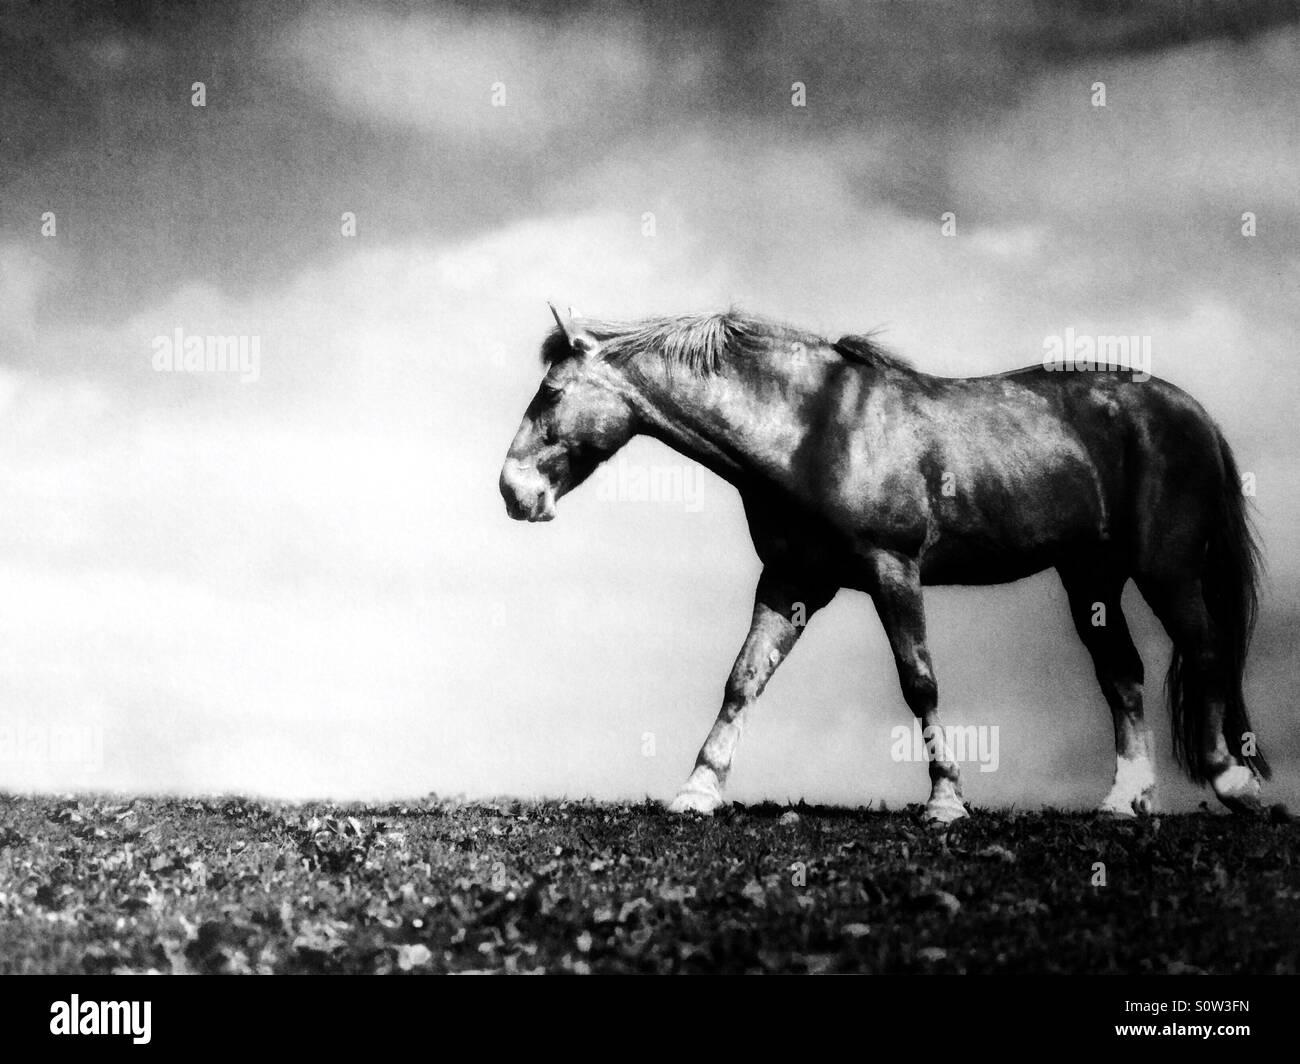 Paseos a caballo a través de un campo de invierno Imagen De Stock